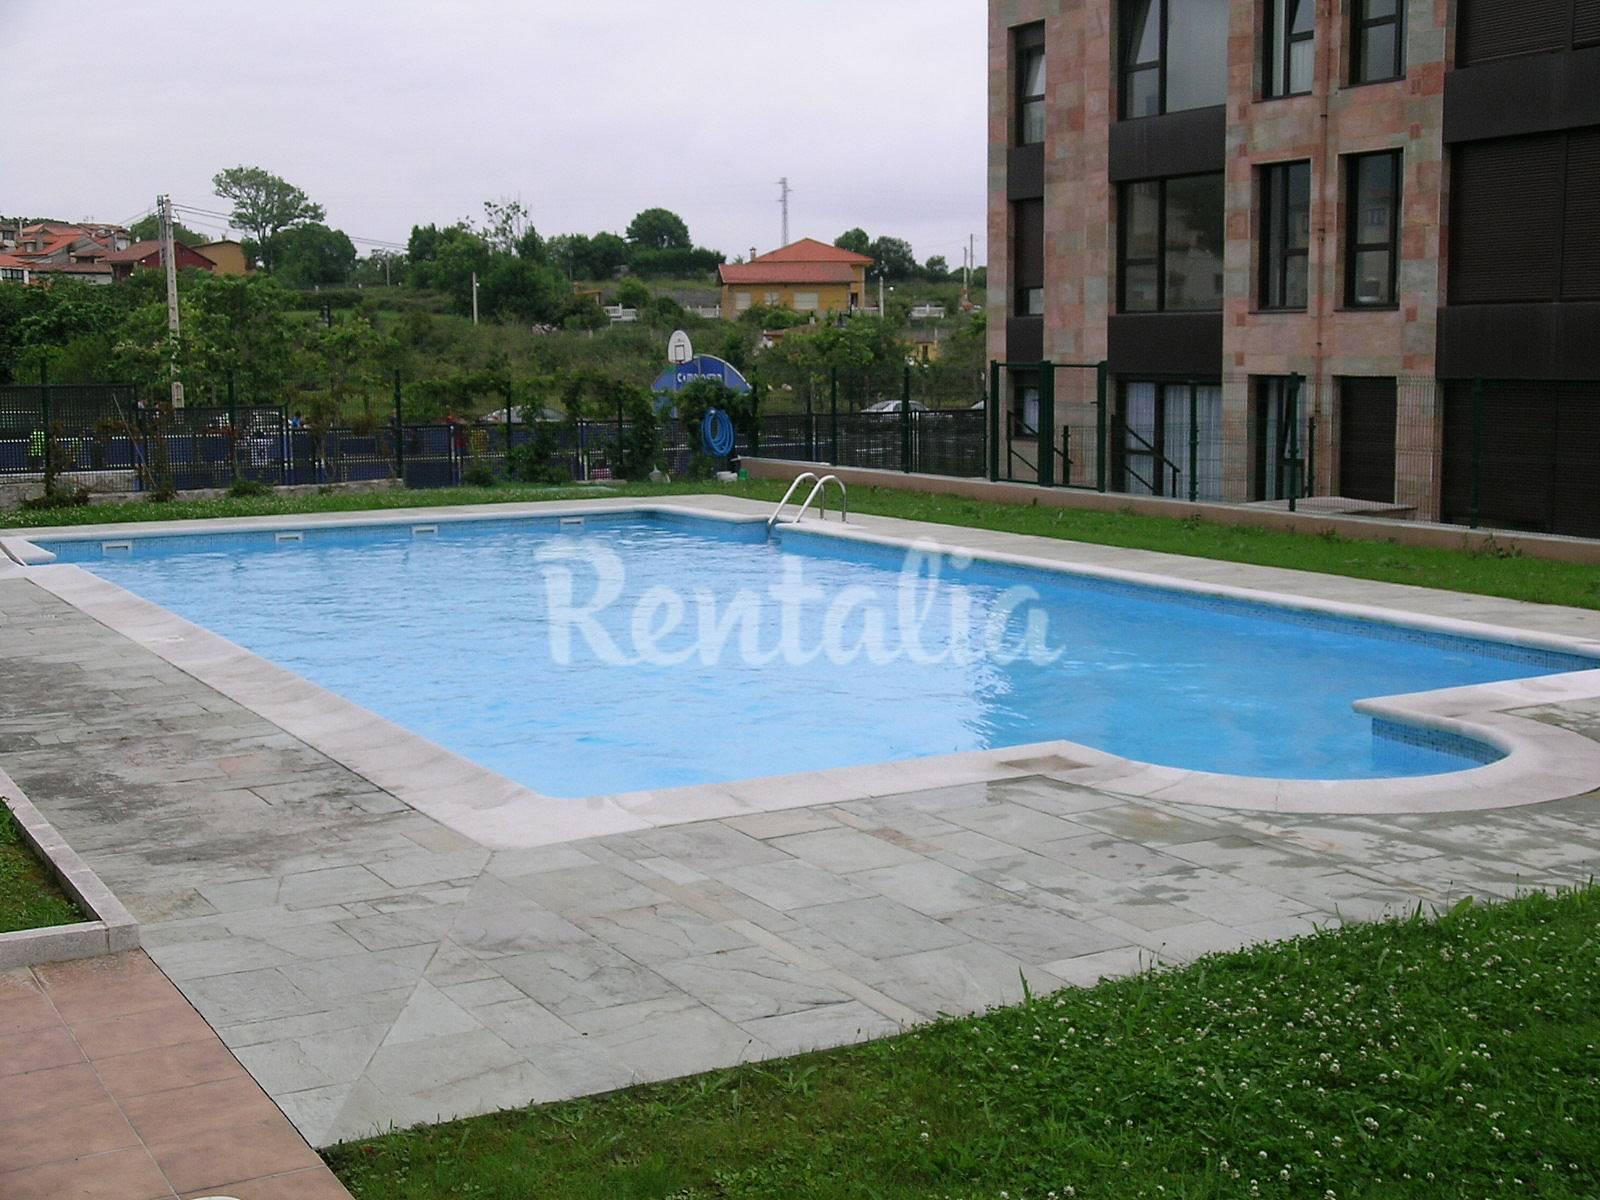 Apto en celorio llanes con piscina 300 m playa celorio for Piscinas trobajo del camino